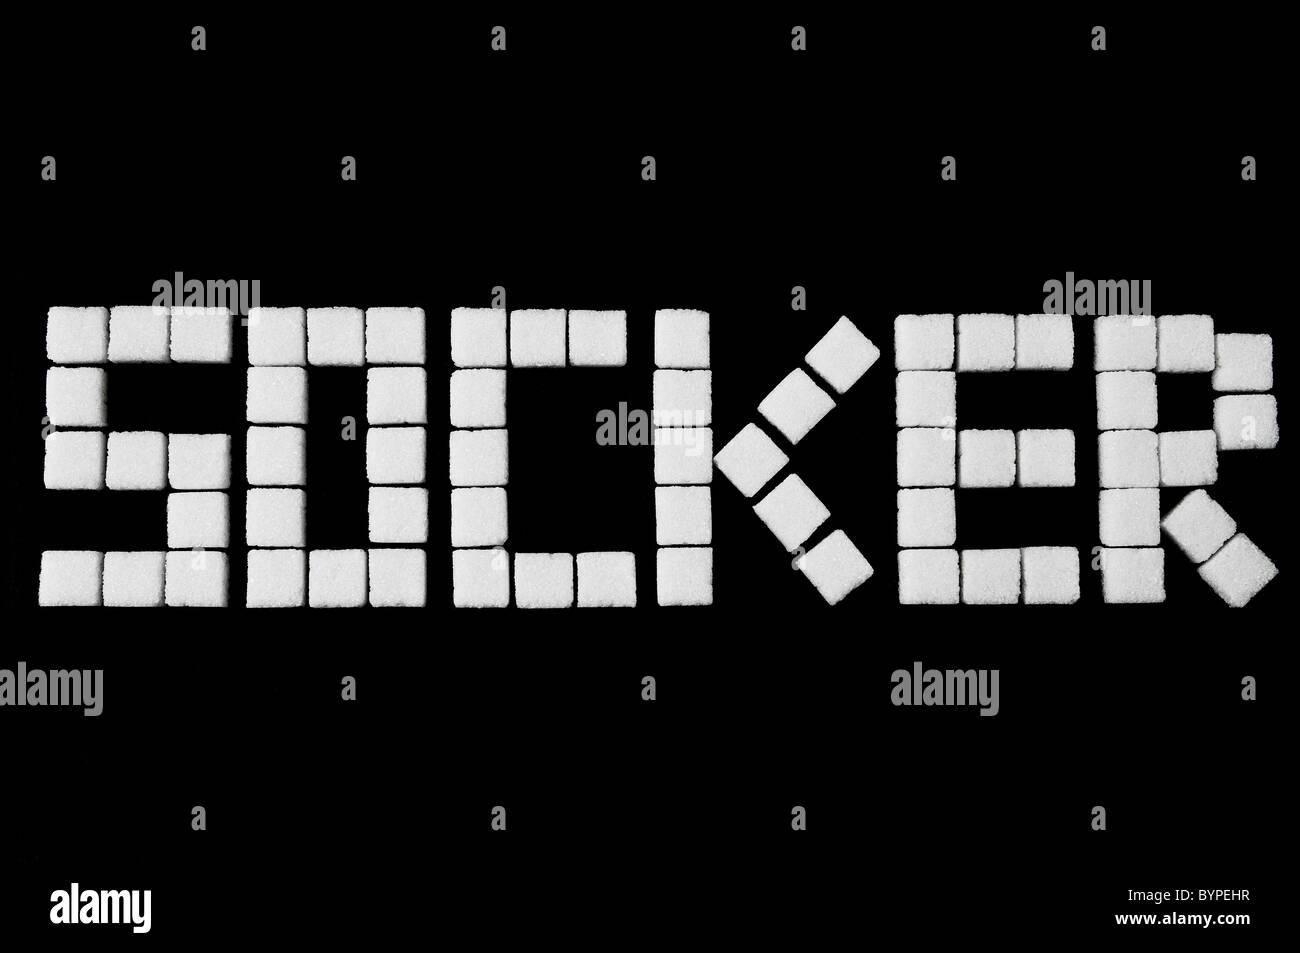 das Wort Socker aus Wuerfelzucker zusammengesetzt, Word, sugar cubes - Stock Image